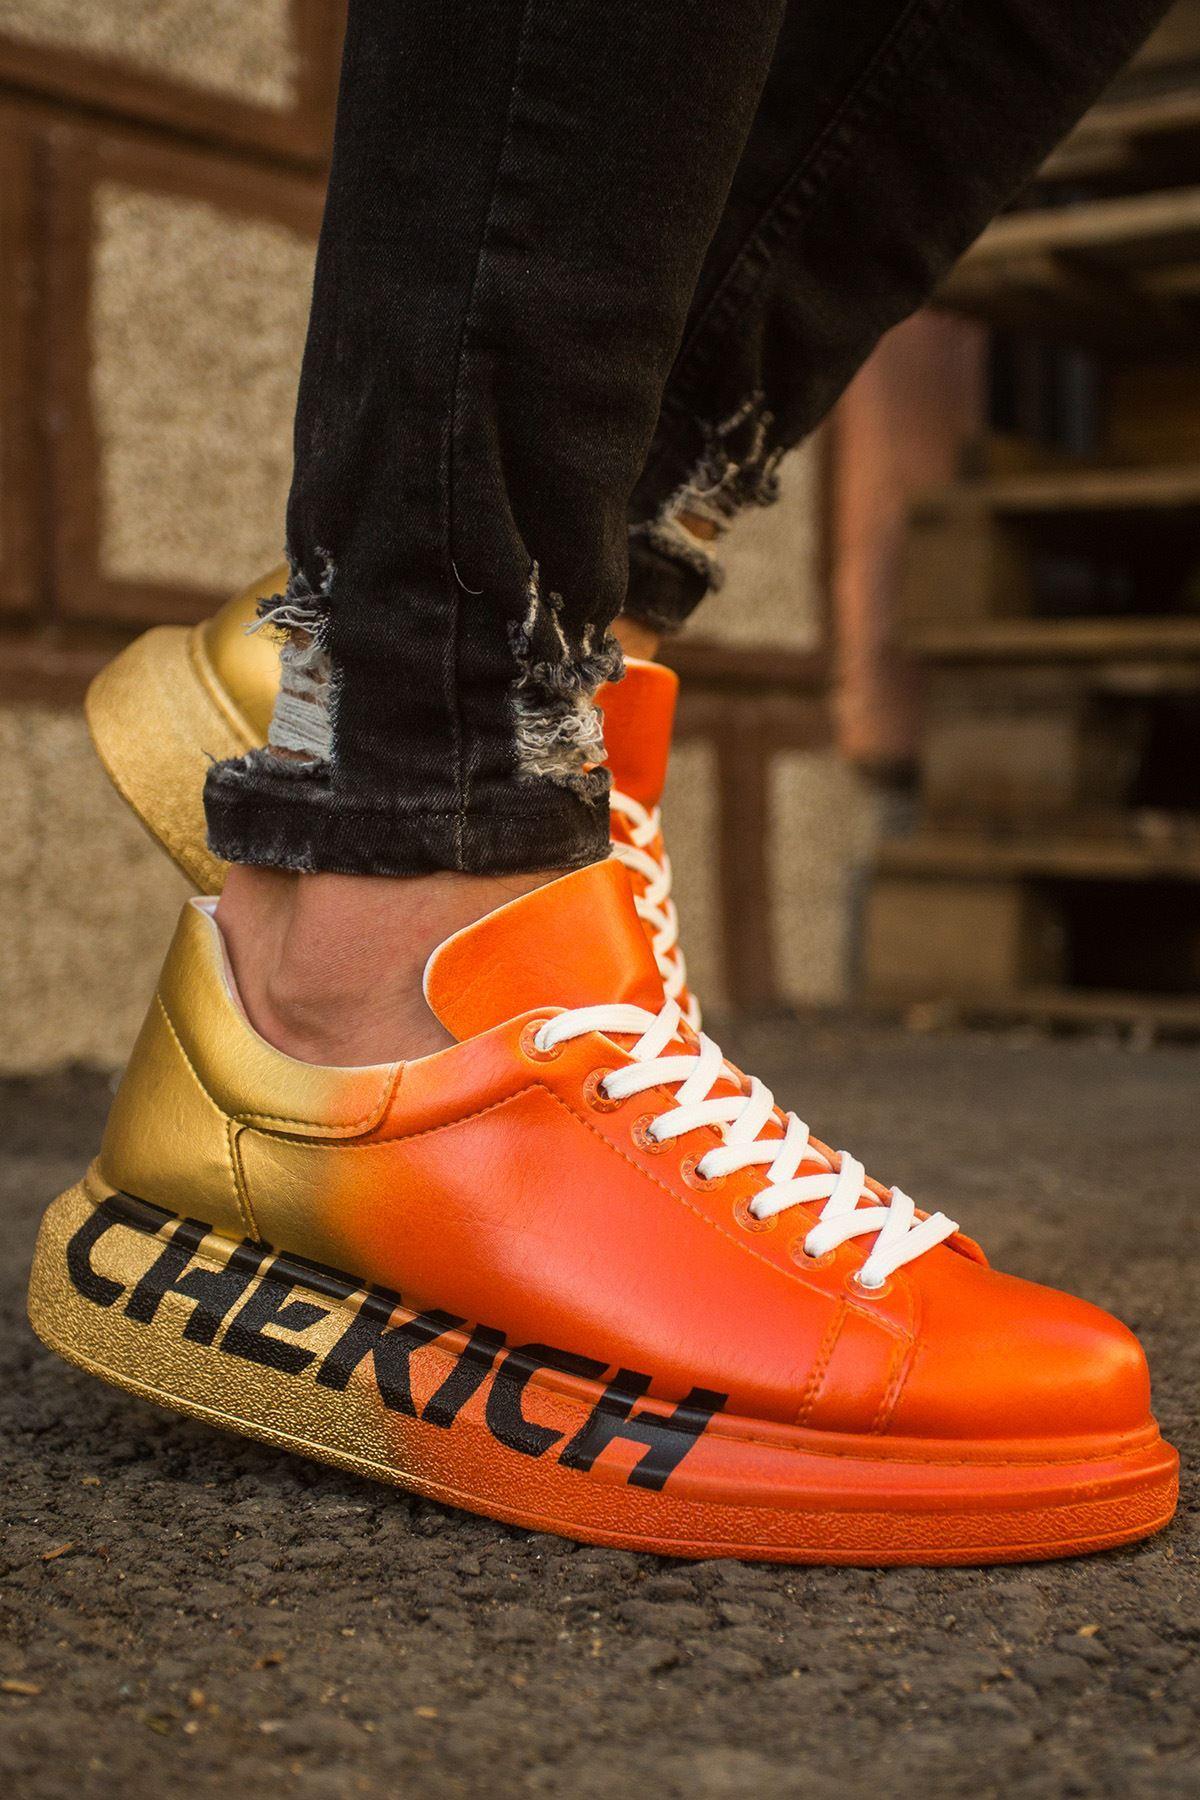 Chekich CH254 BT Erkek Ayakkabı 433 TURUNCU / SARI CHEKICH